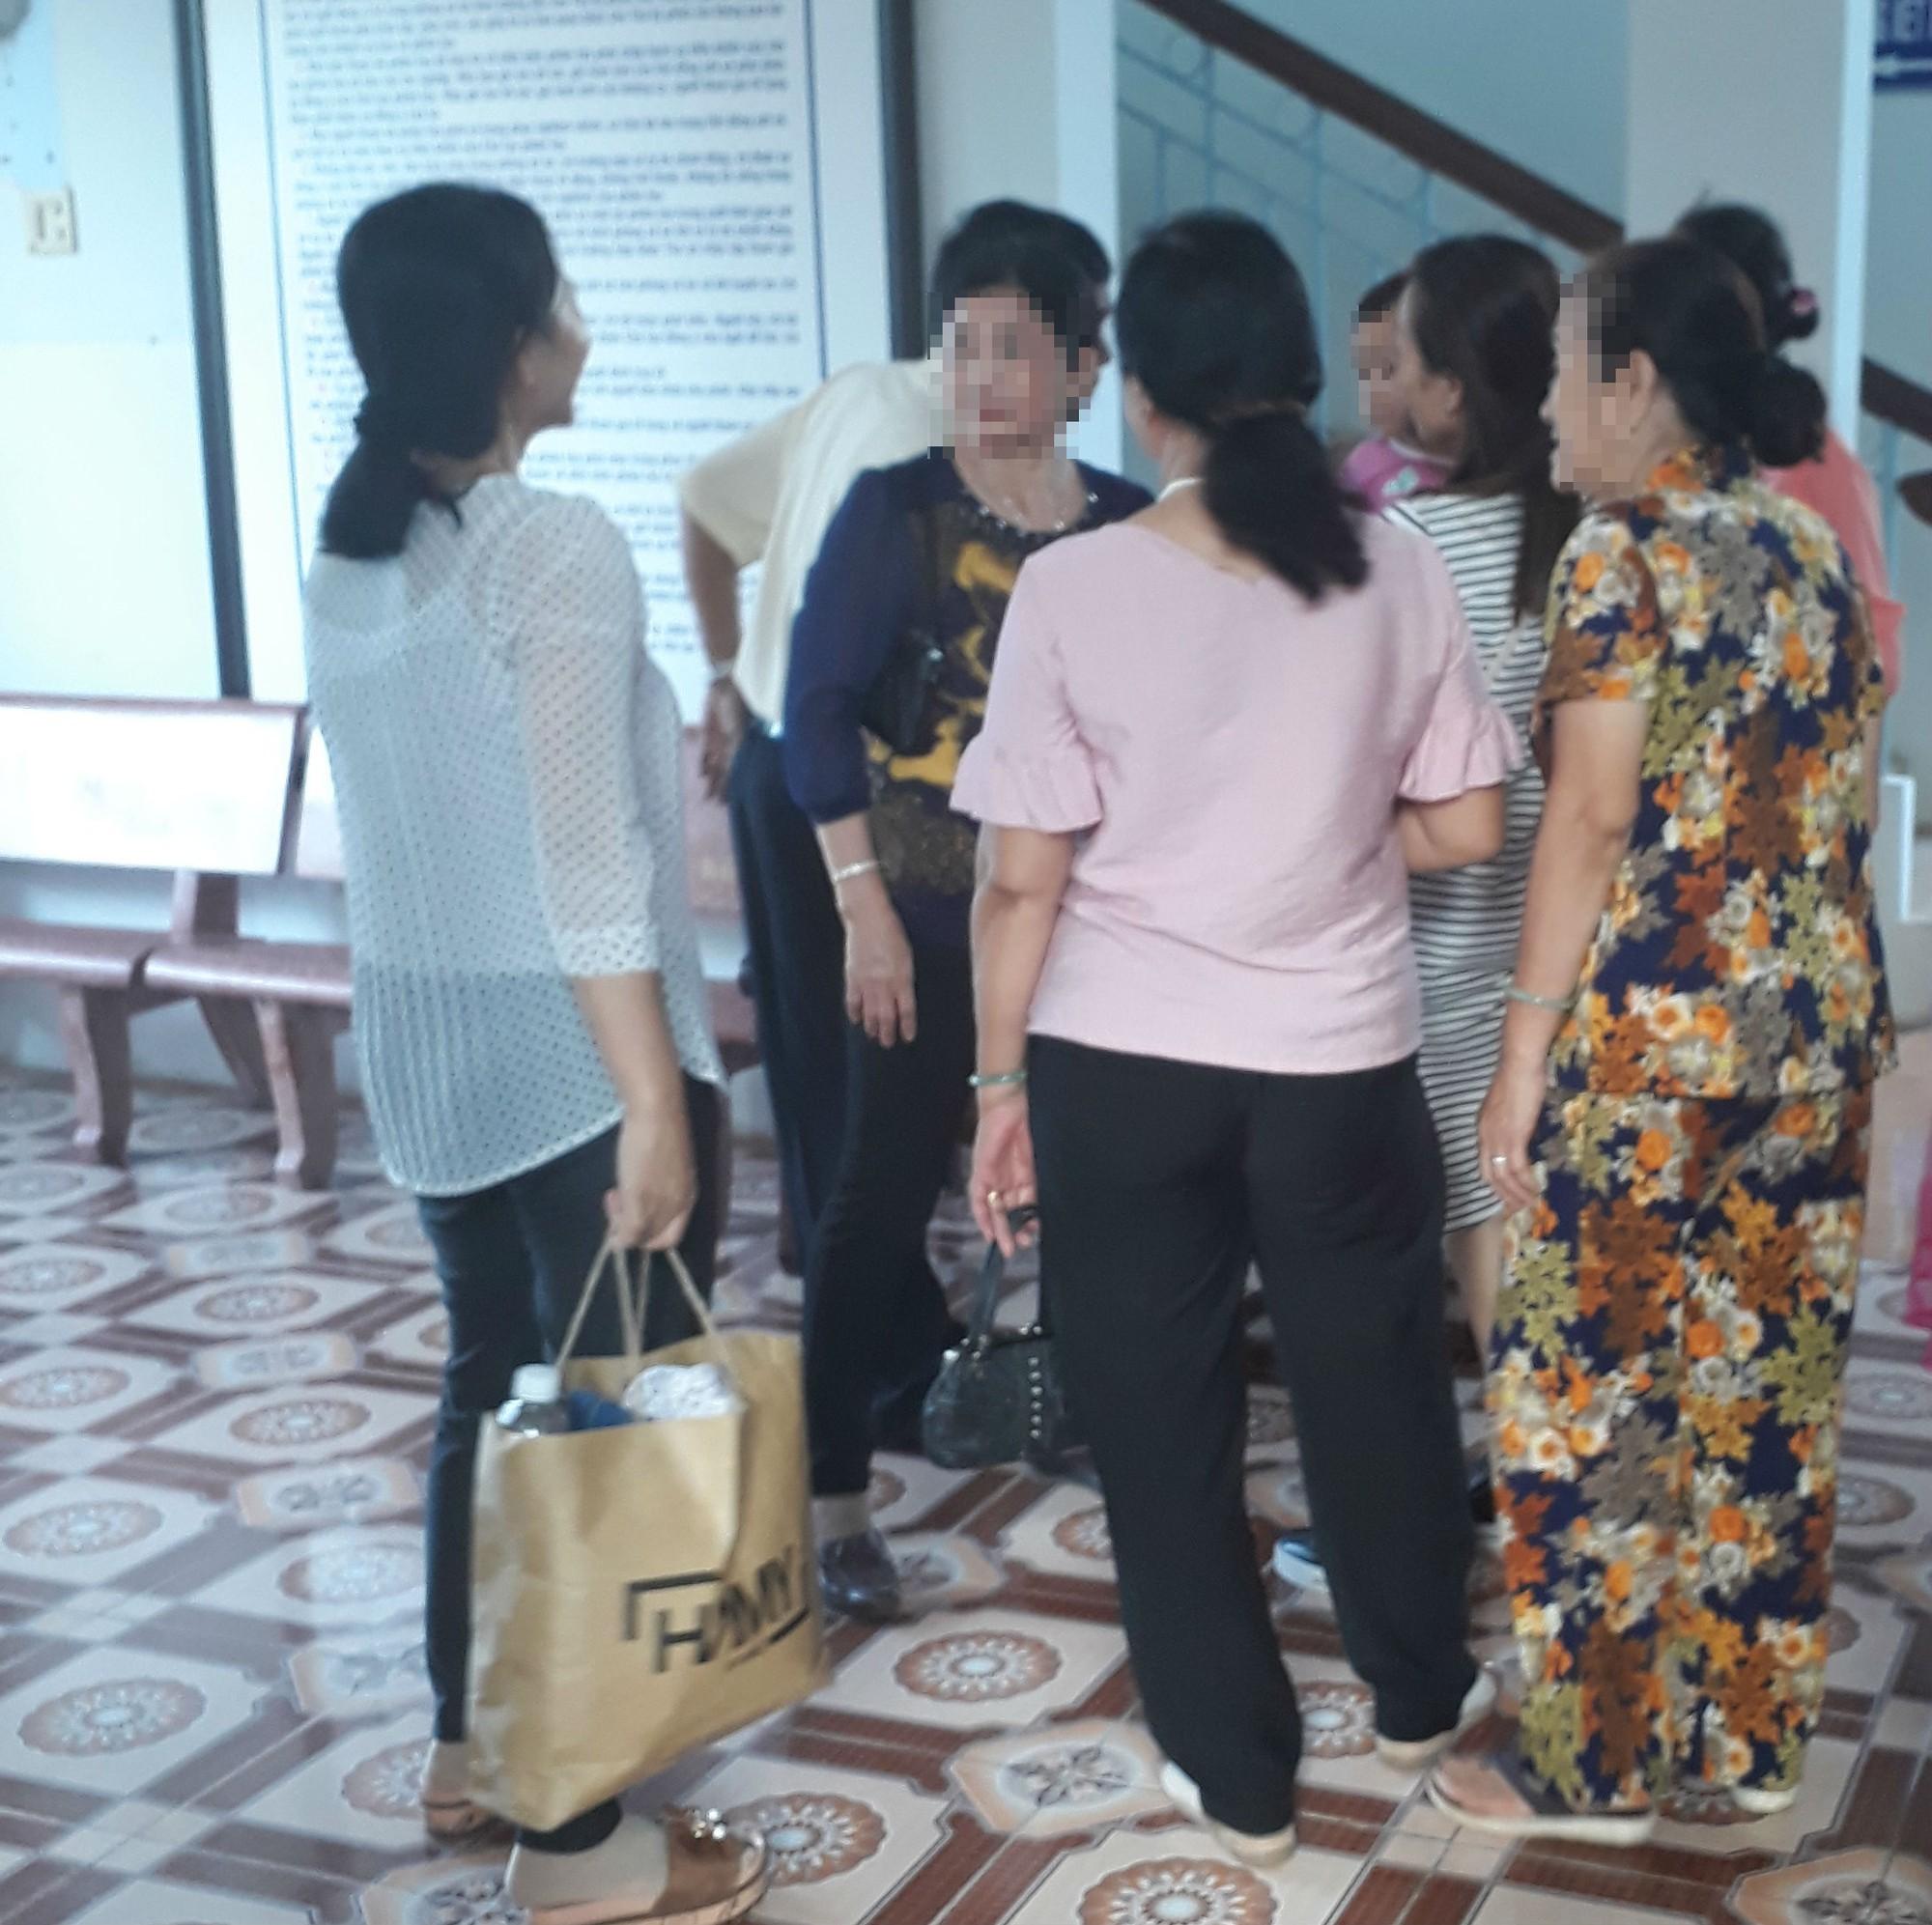 Diễn biến bất ngờ vụ tiến sĩ lừa tình hàng loạt phụ nữ ở Bạc Liêu 2